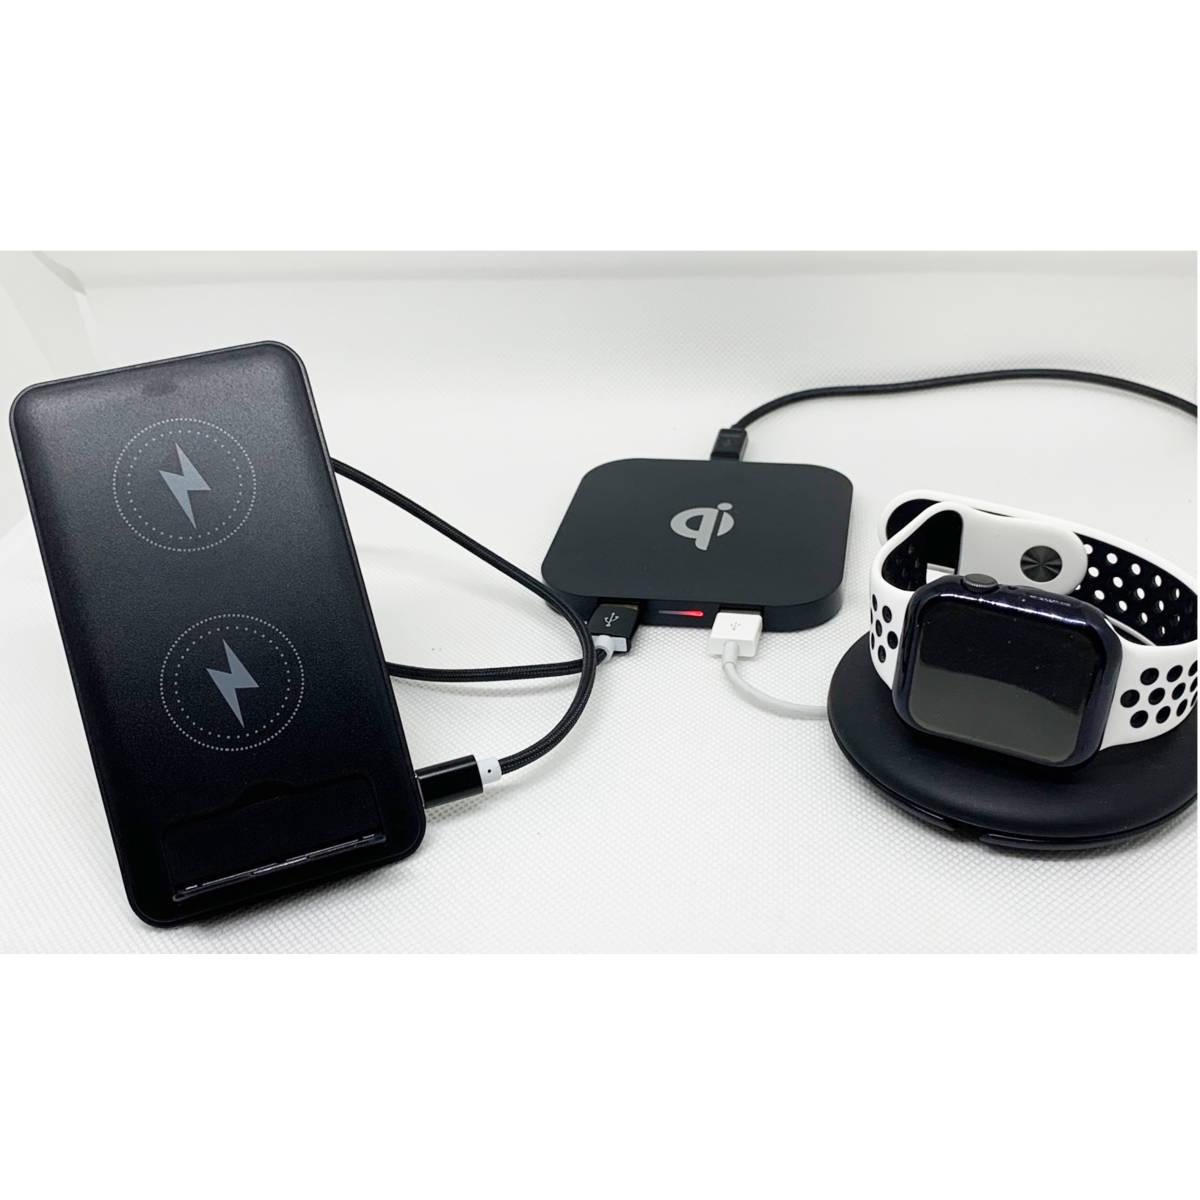 2台セット ワイヤレス充電器 卓上【急速10Wグレードアップ】 折畳み スタンド&おくだけパッド USB出力2口 3台同時充電 [黒&白] _画像9